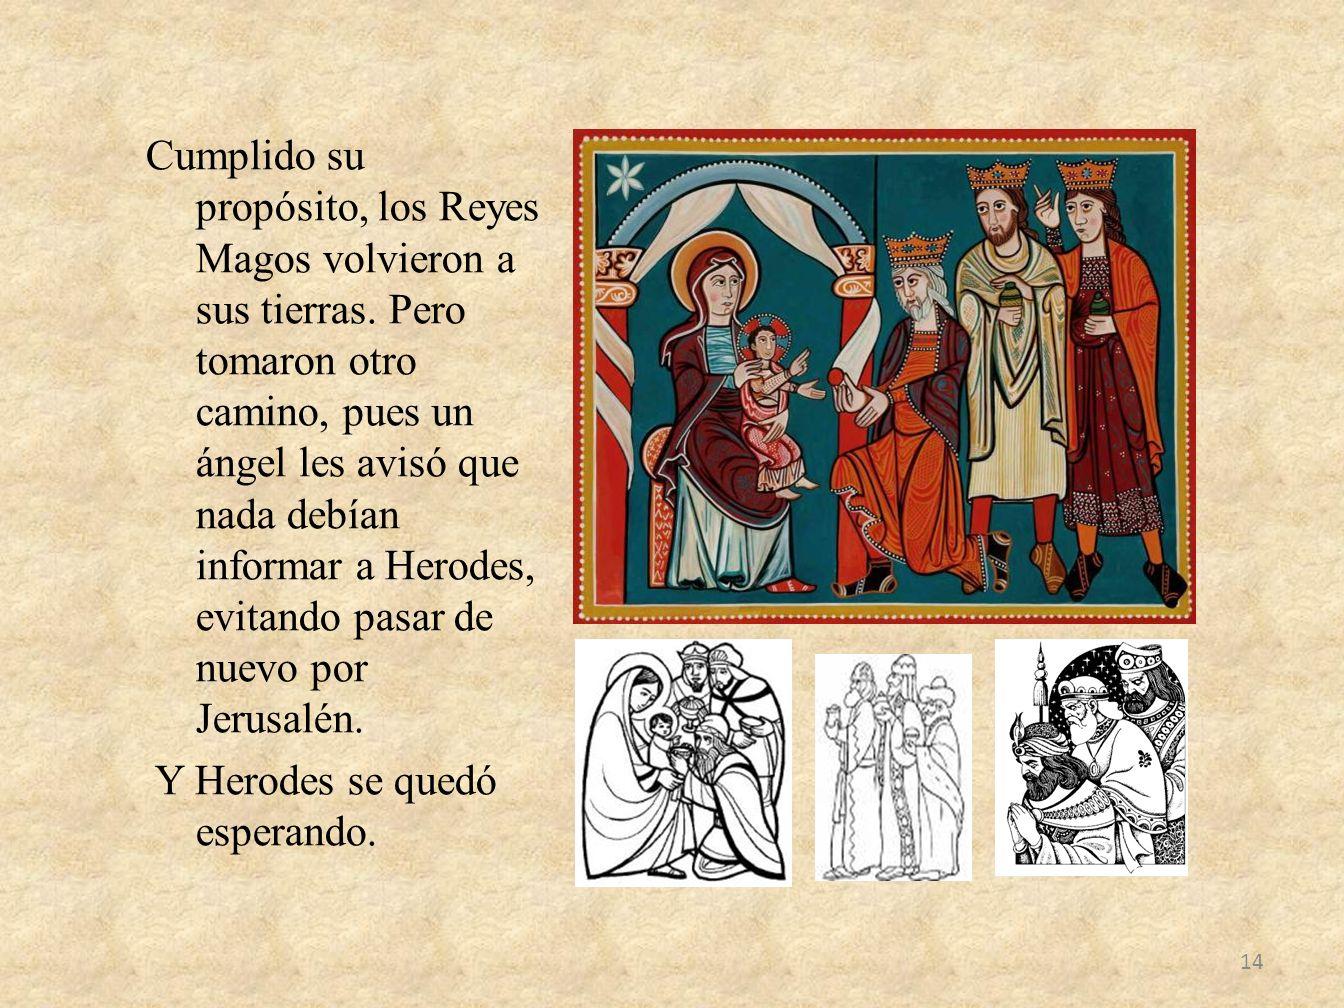 Cumplido su propósito, los Reyes Magos volvieron a sus tierras